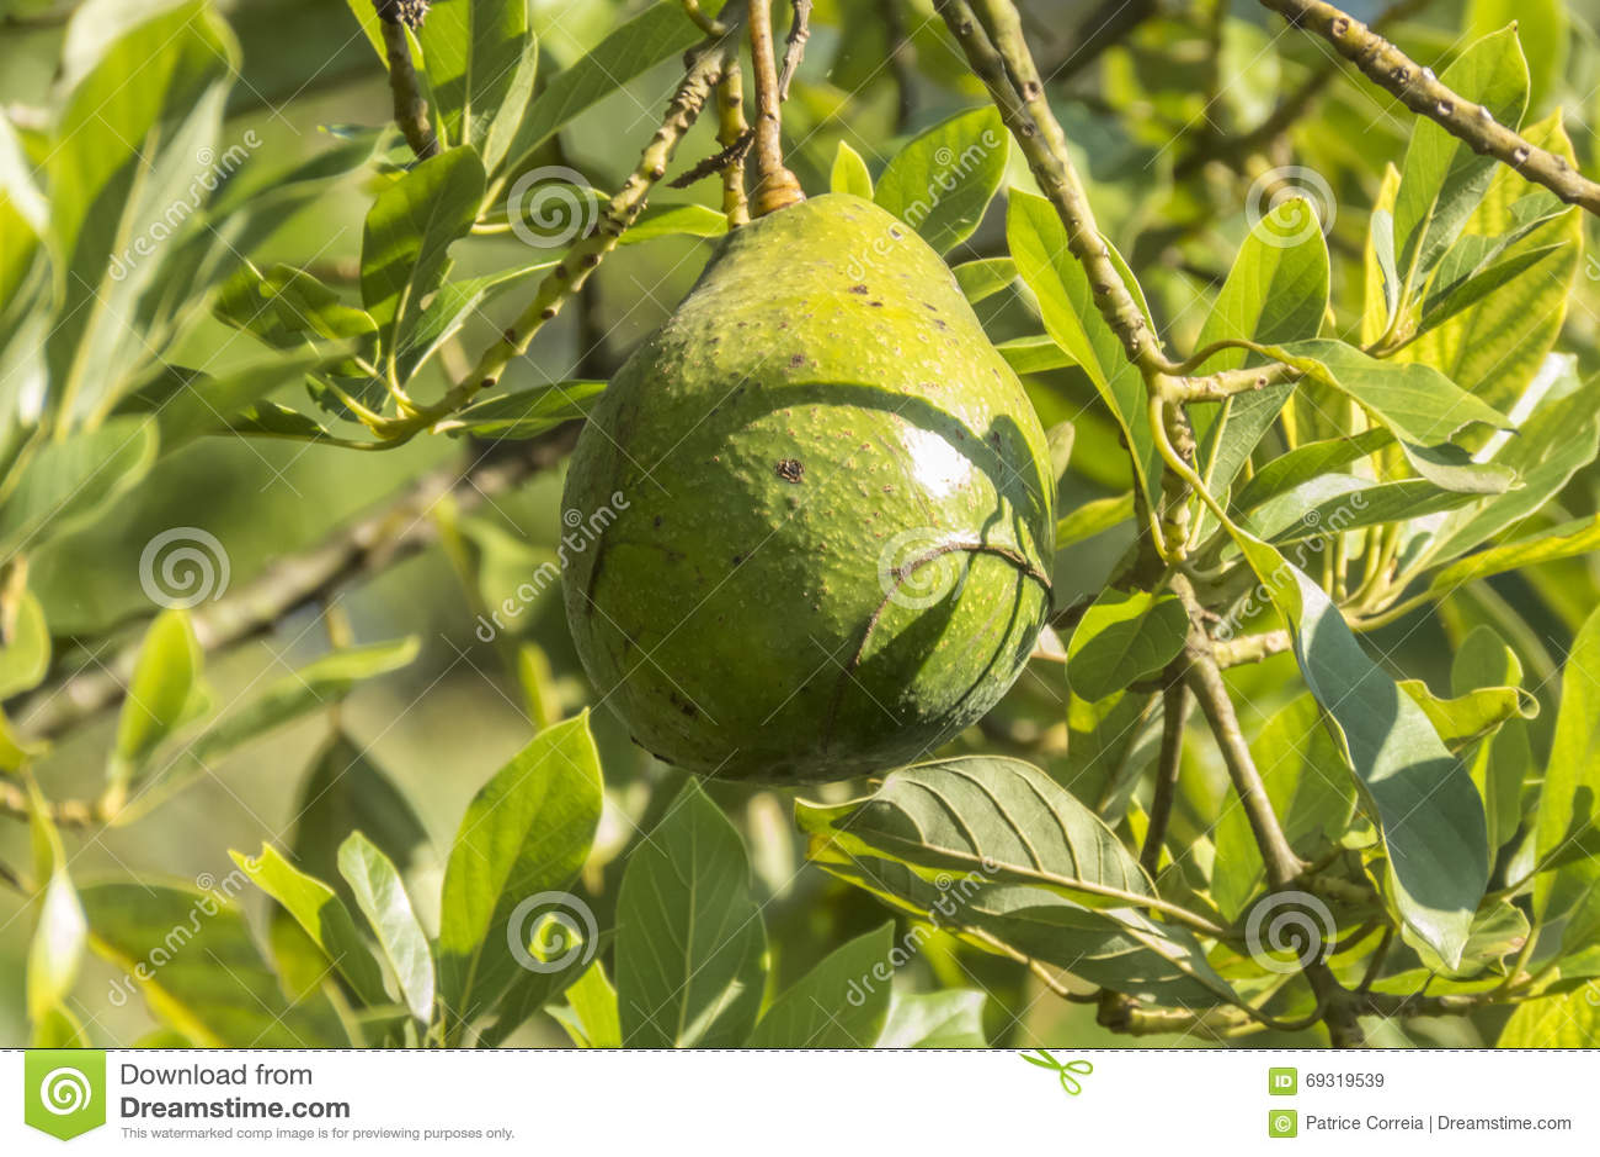 avocat dans l'arbre dans sri lanka image stock - image du lumière